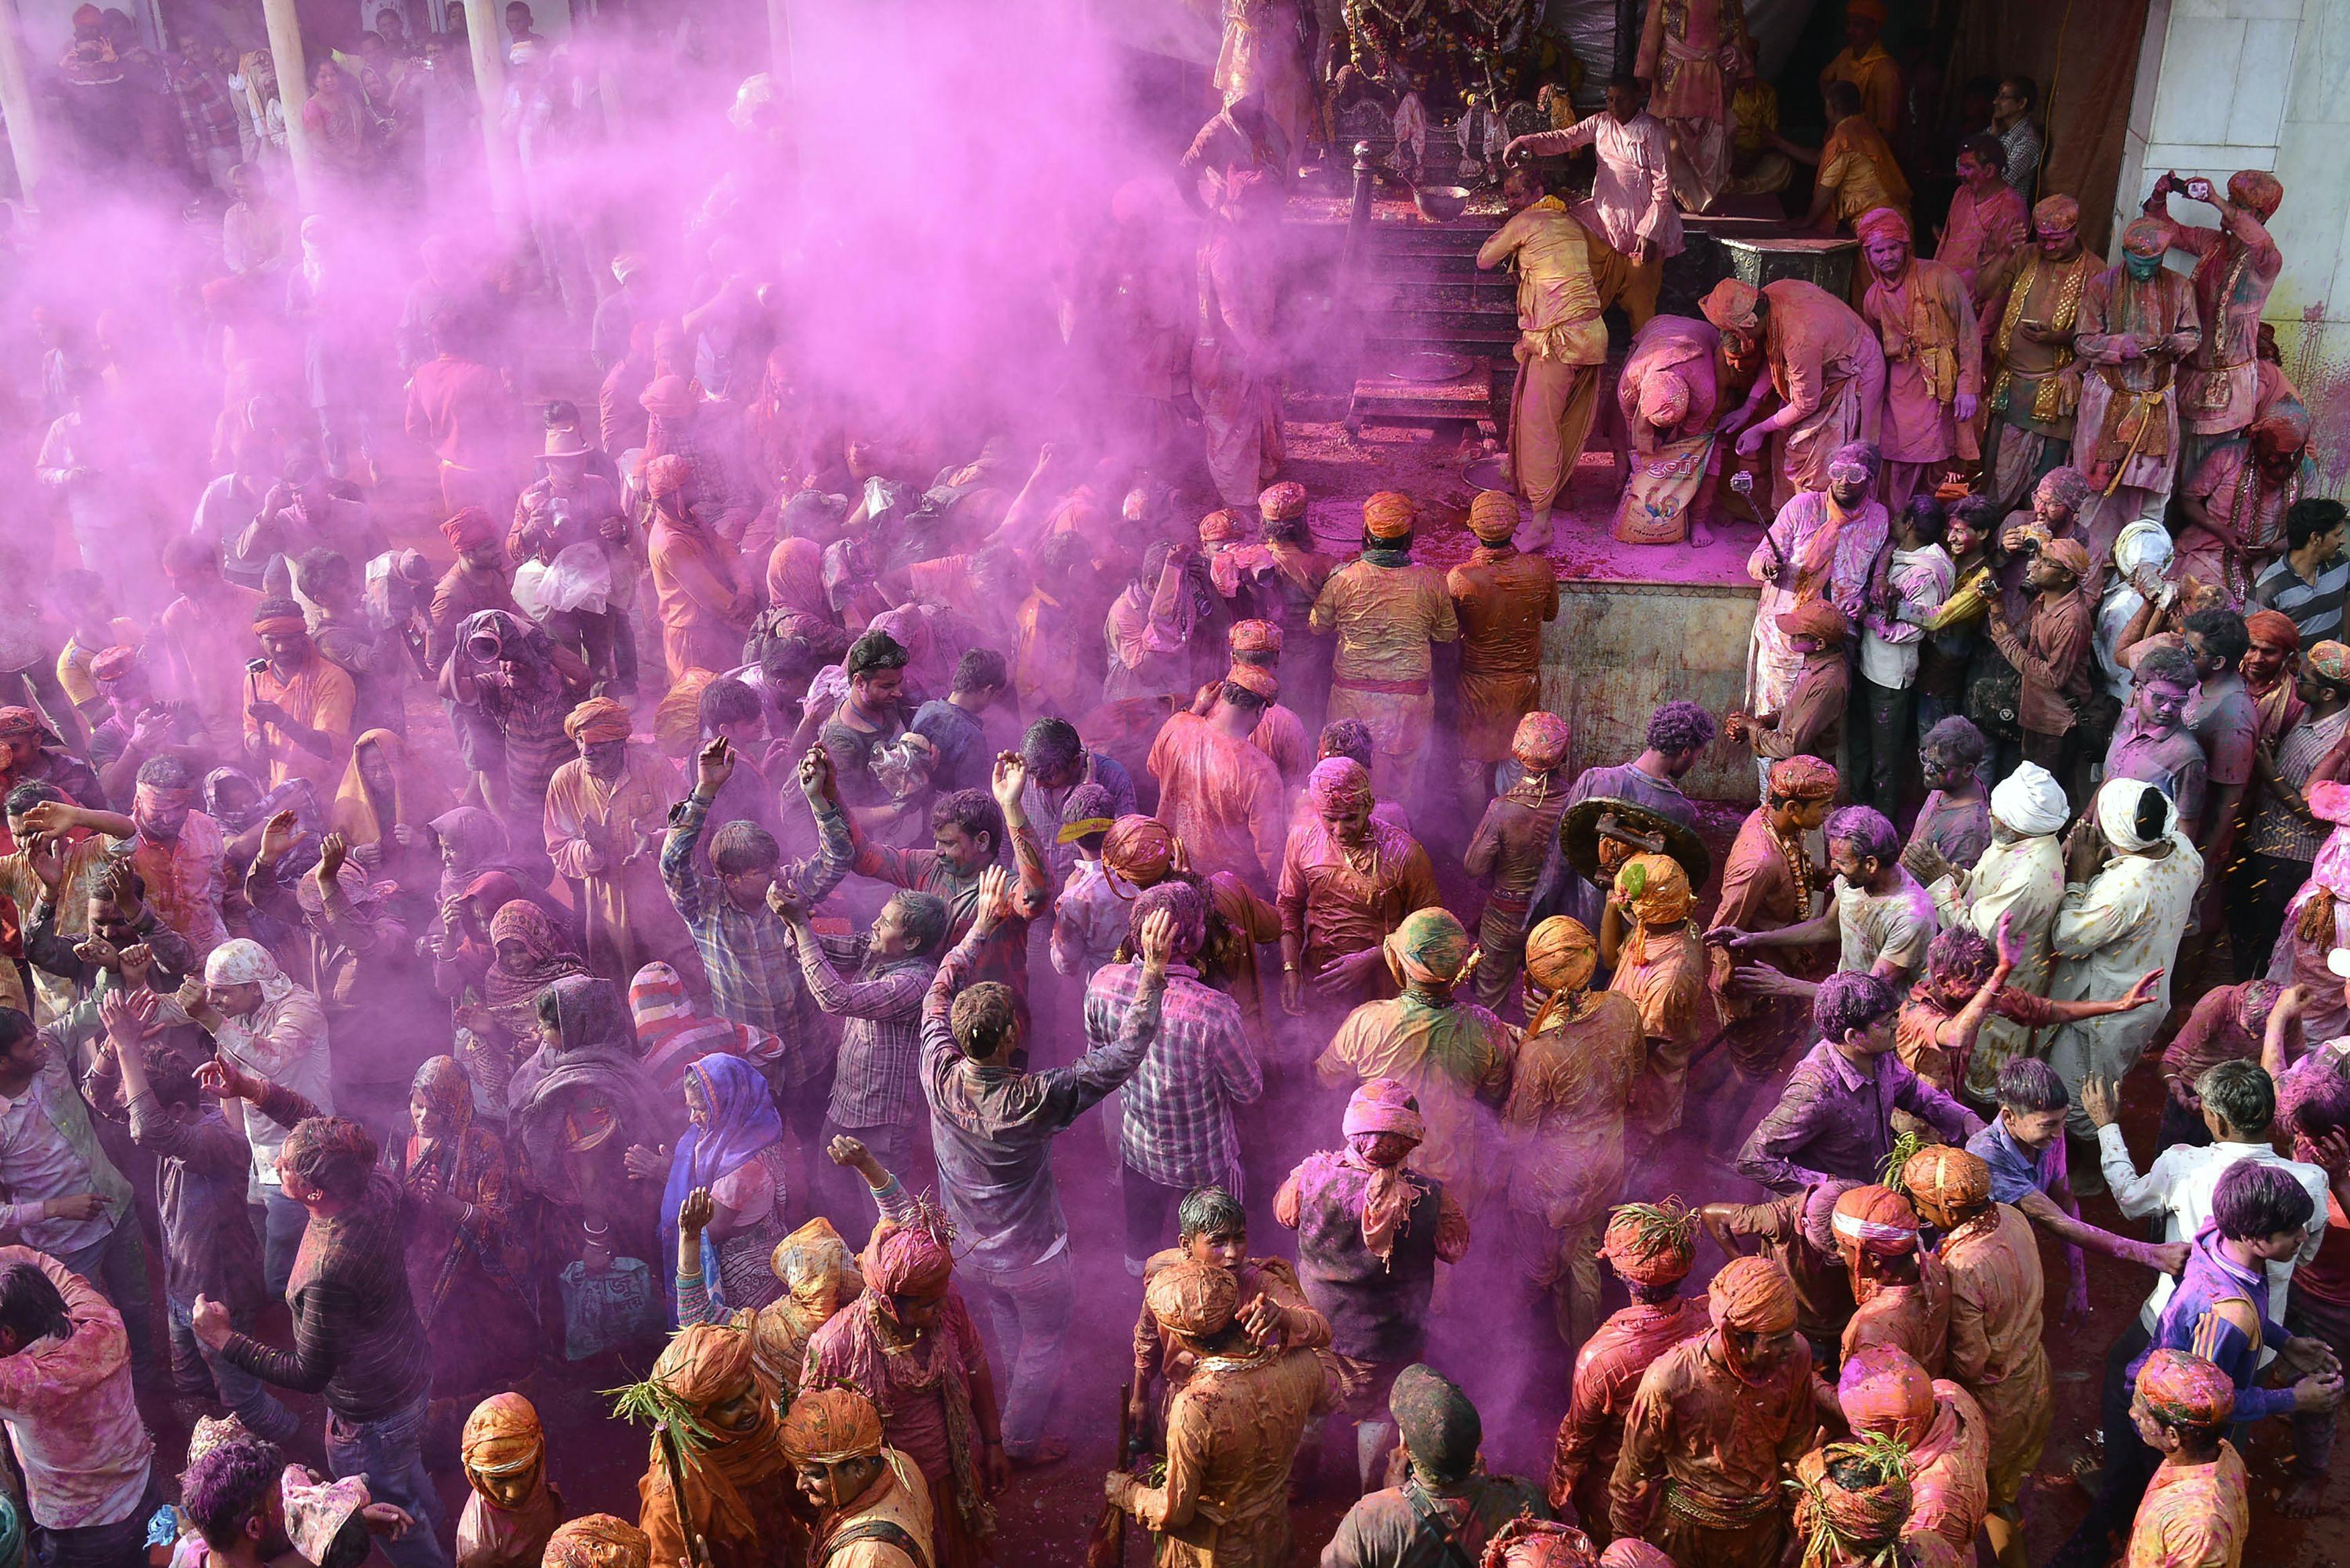 hindu holi festival tyimages